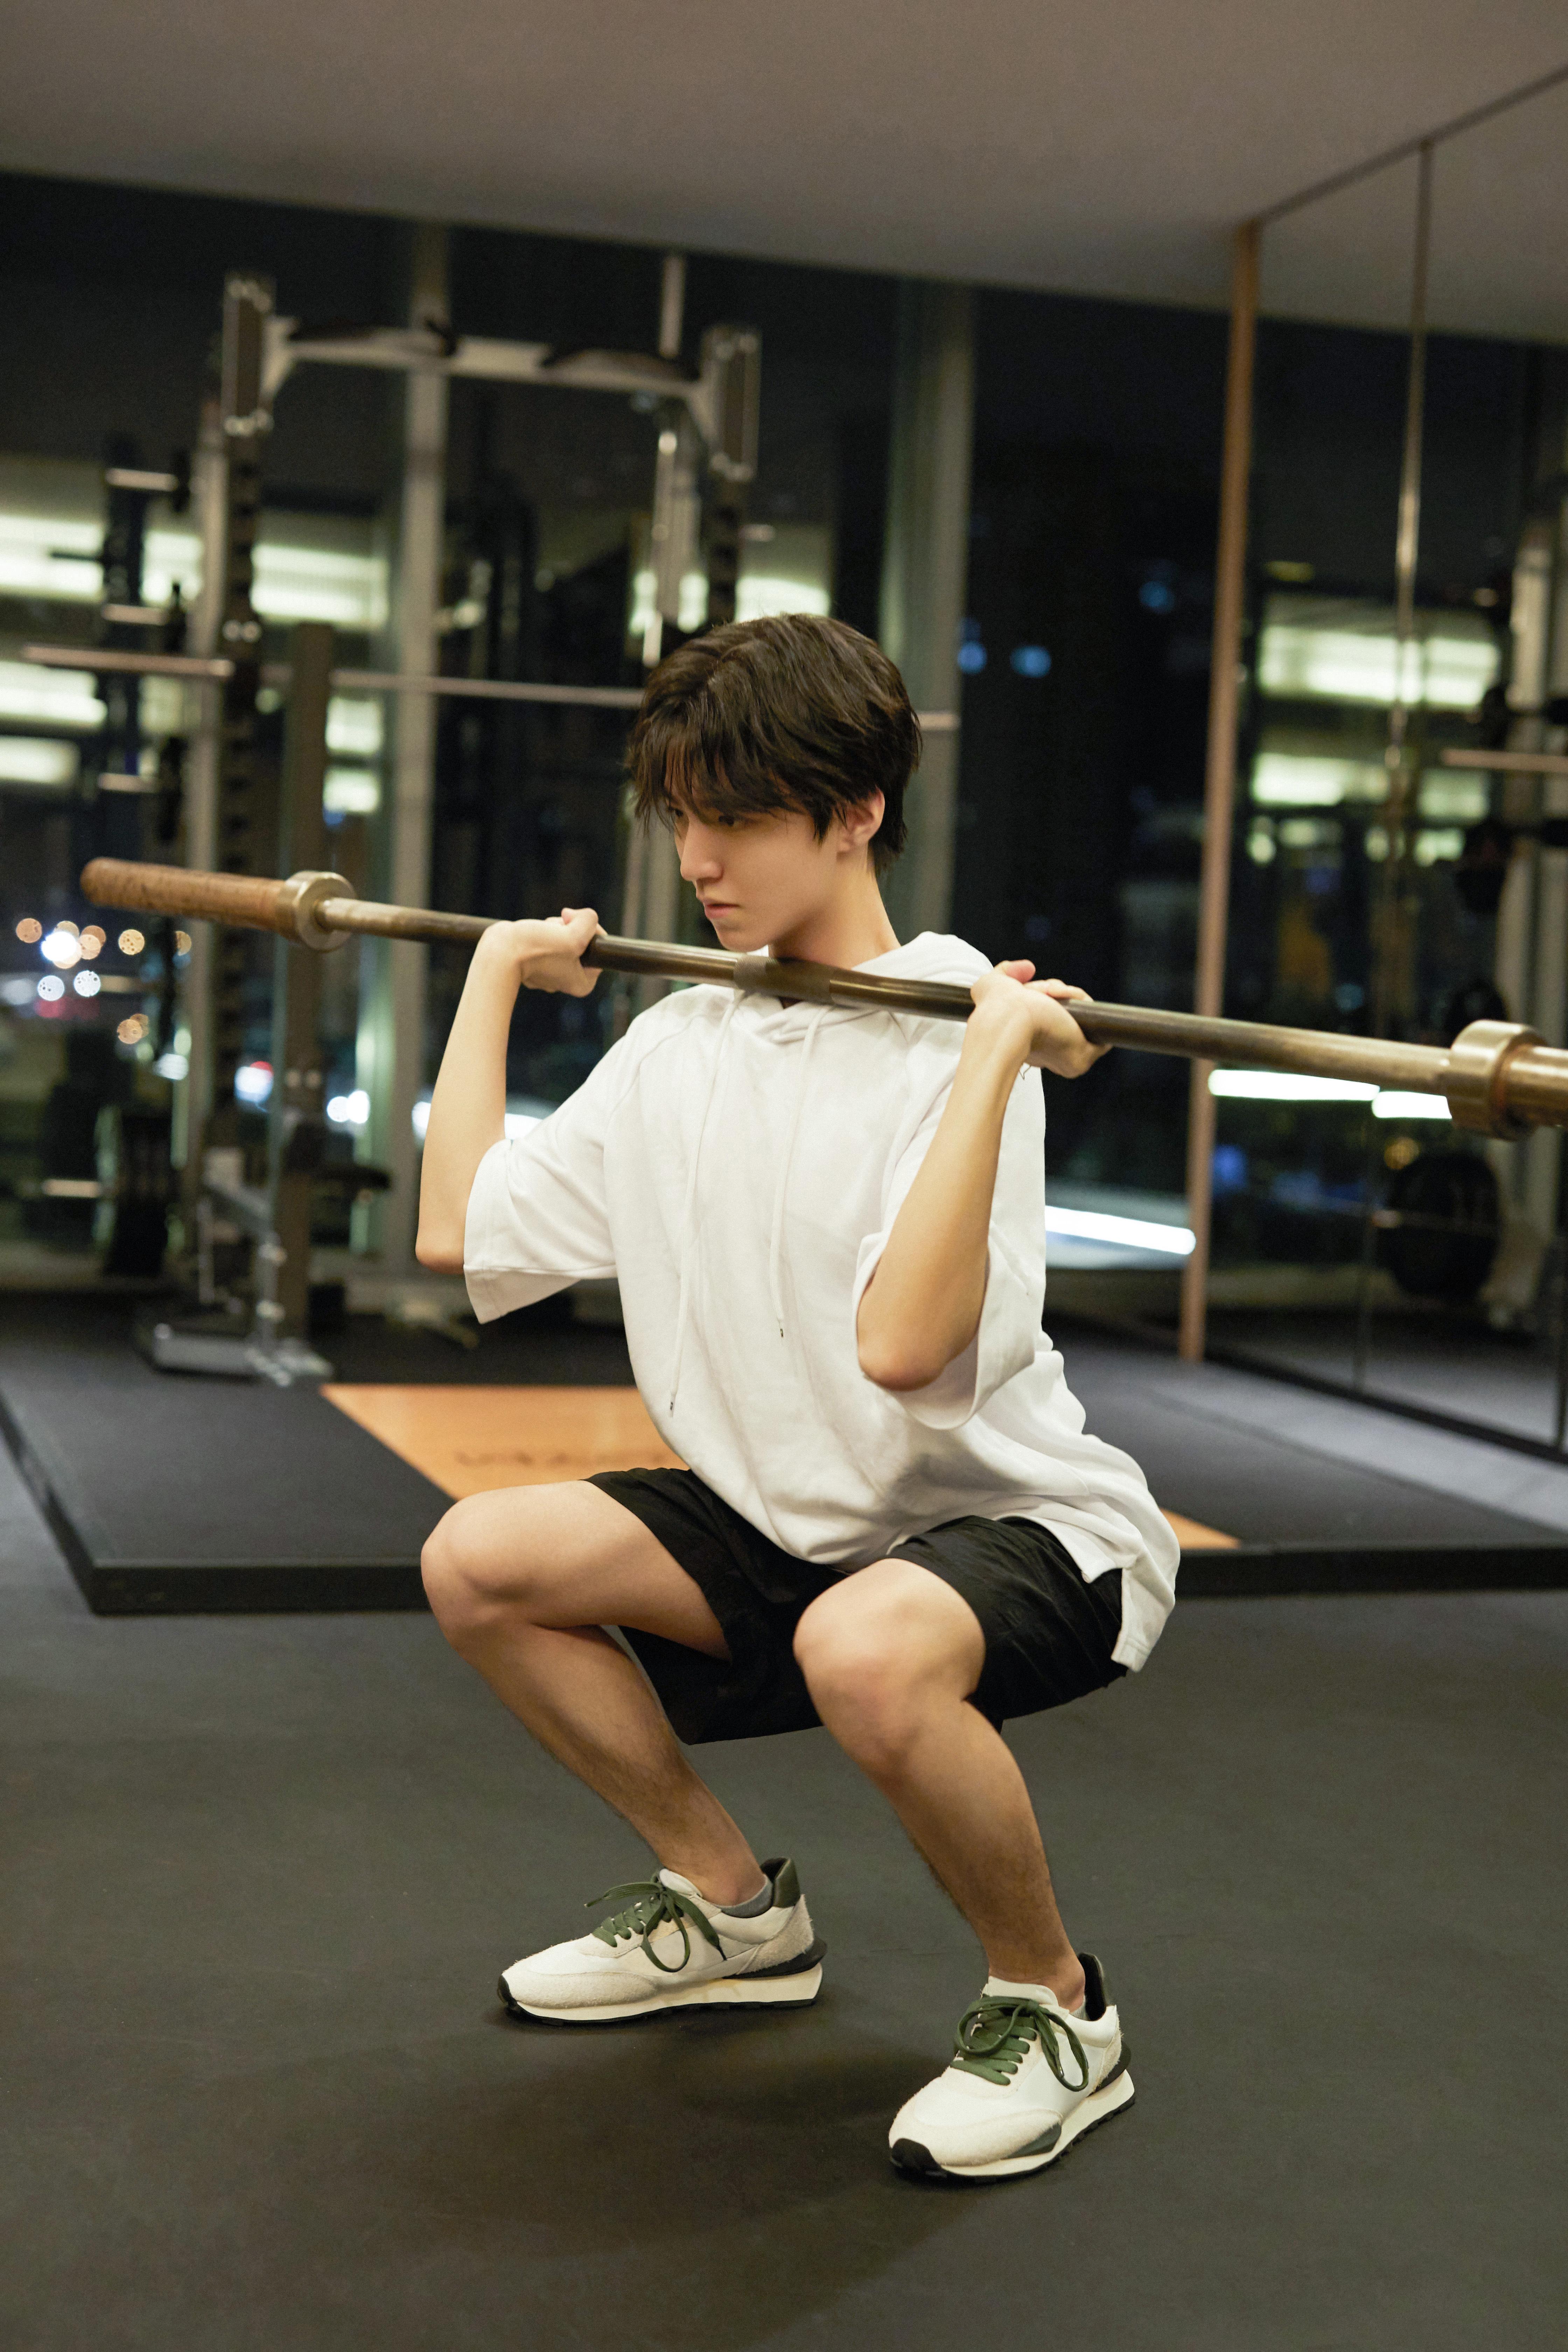 王俊凯诙谐回应整容听说:这说明我健身卓有成效 第5张